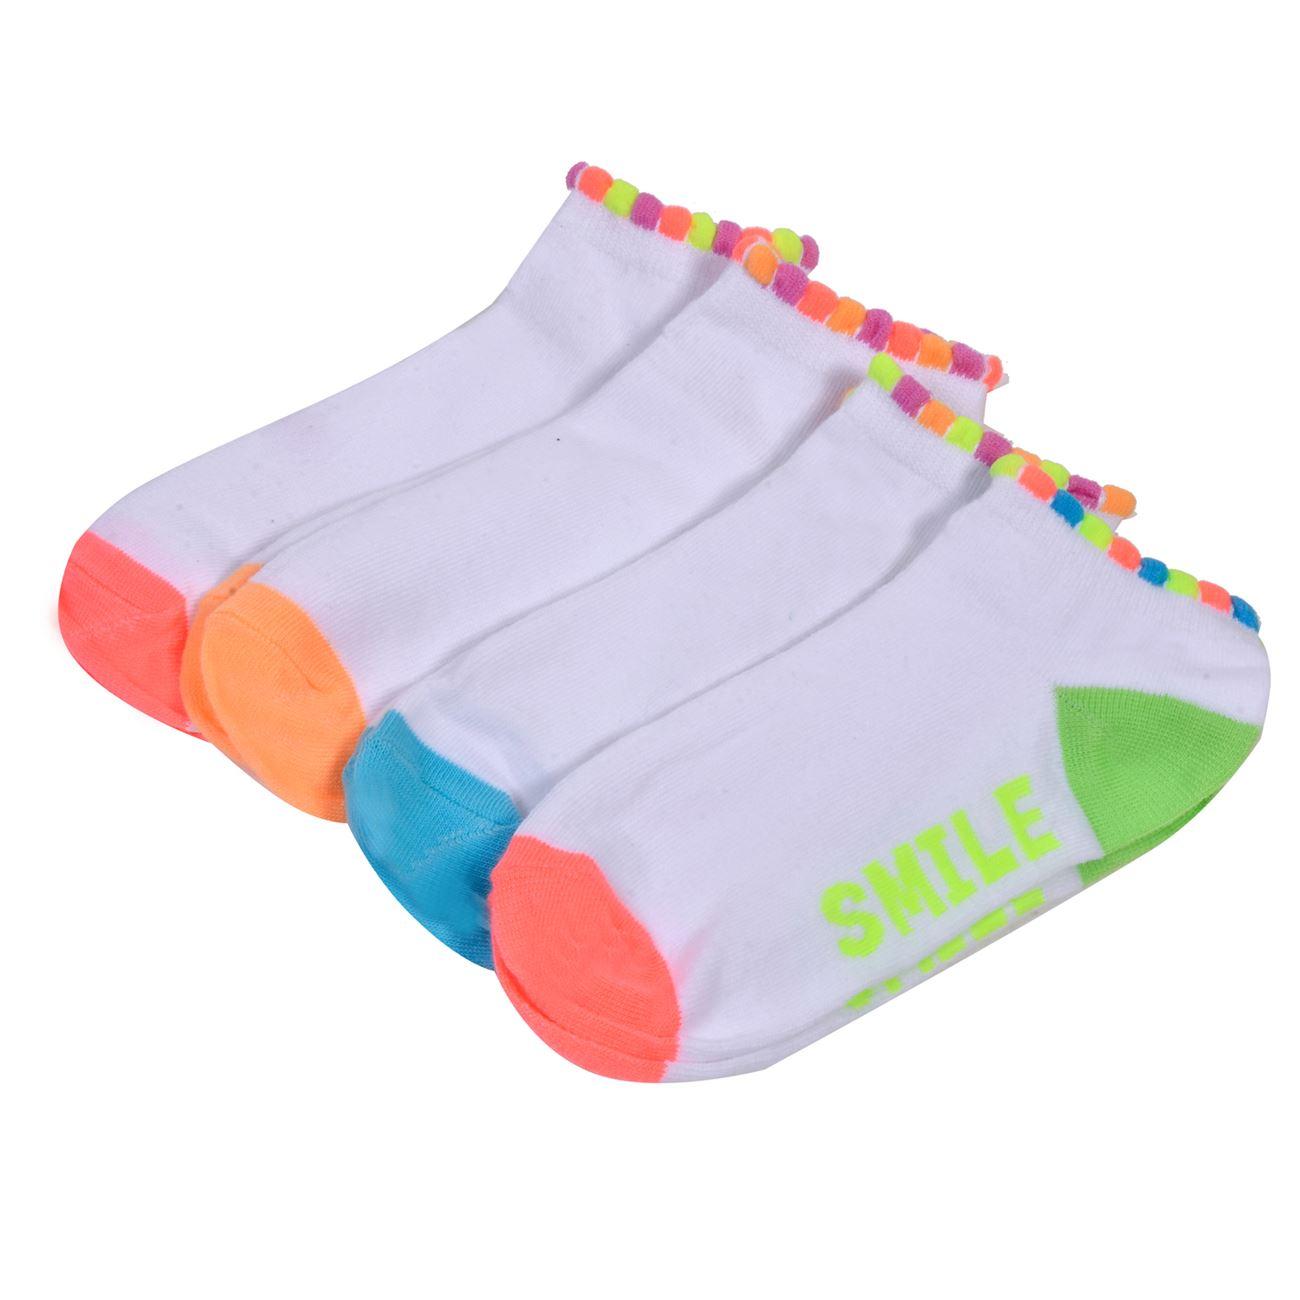 Κάλτσες Παιδικές Σοσόνια - 4 τμχ.   Κάλτσες Σοσόνια Κορίτσι Πακέτα 29-34  f1169b980e6